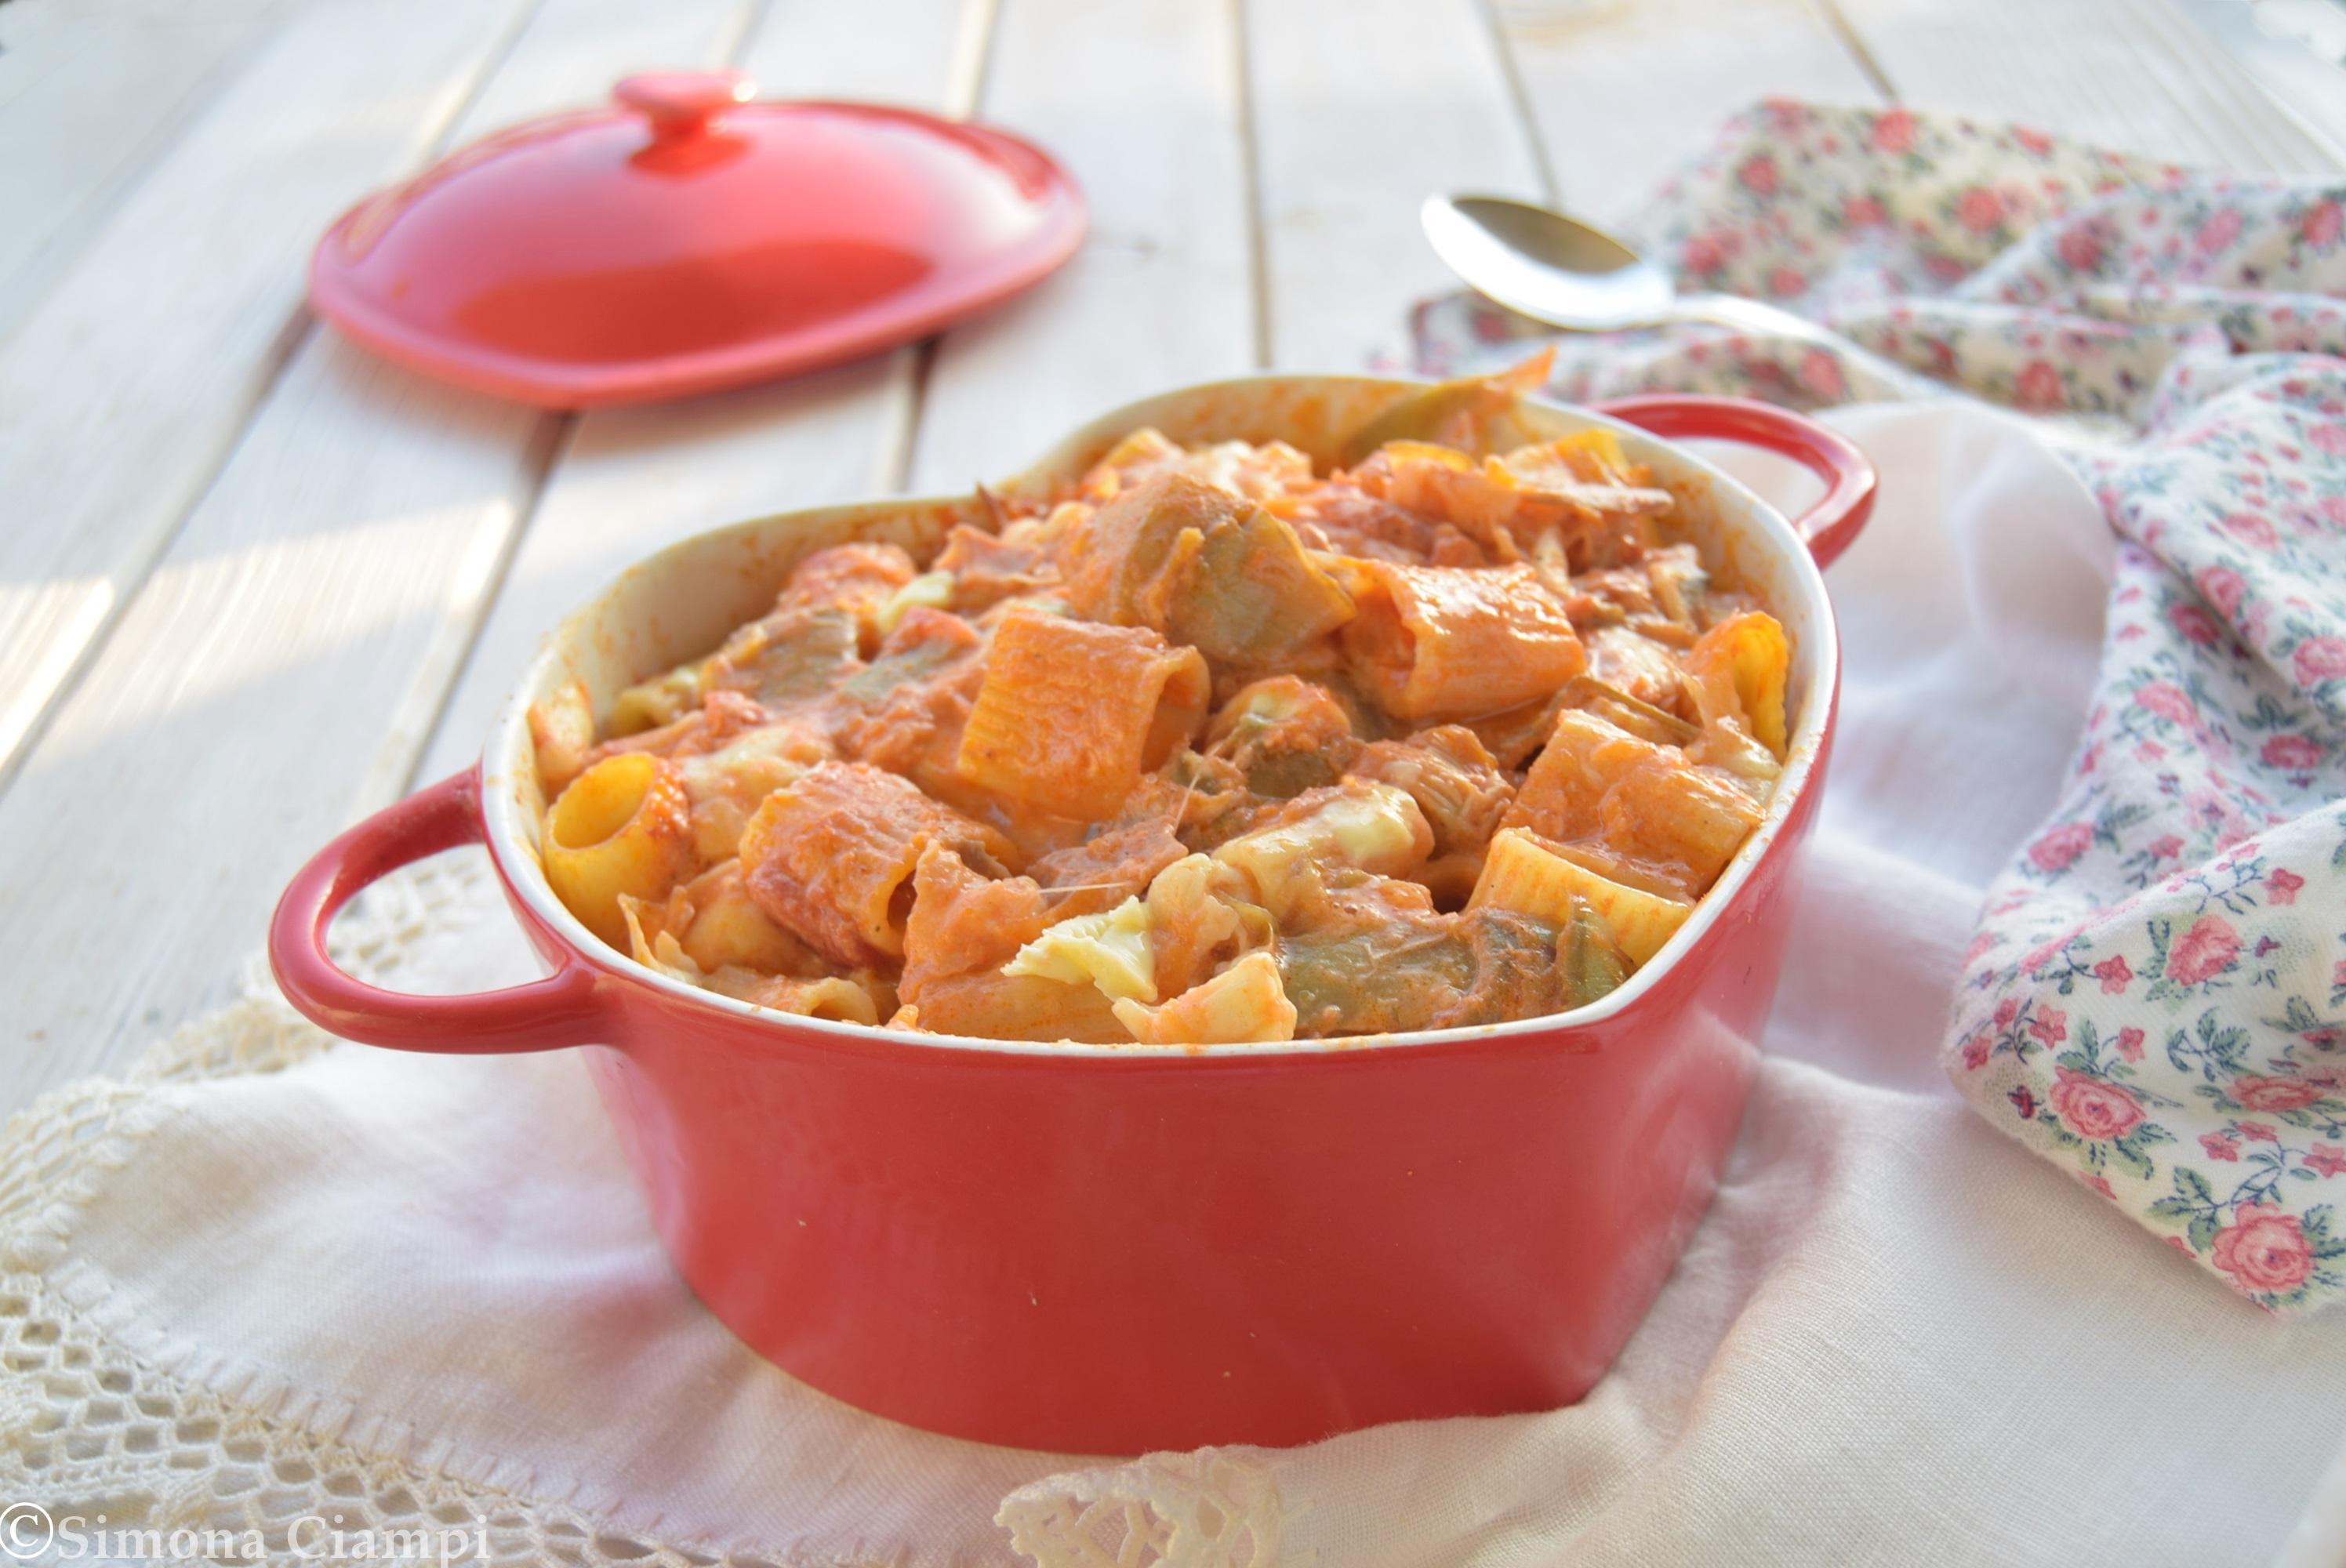 Ricetta pasta al forno con carciofi, zucca e speck